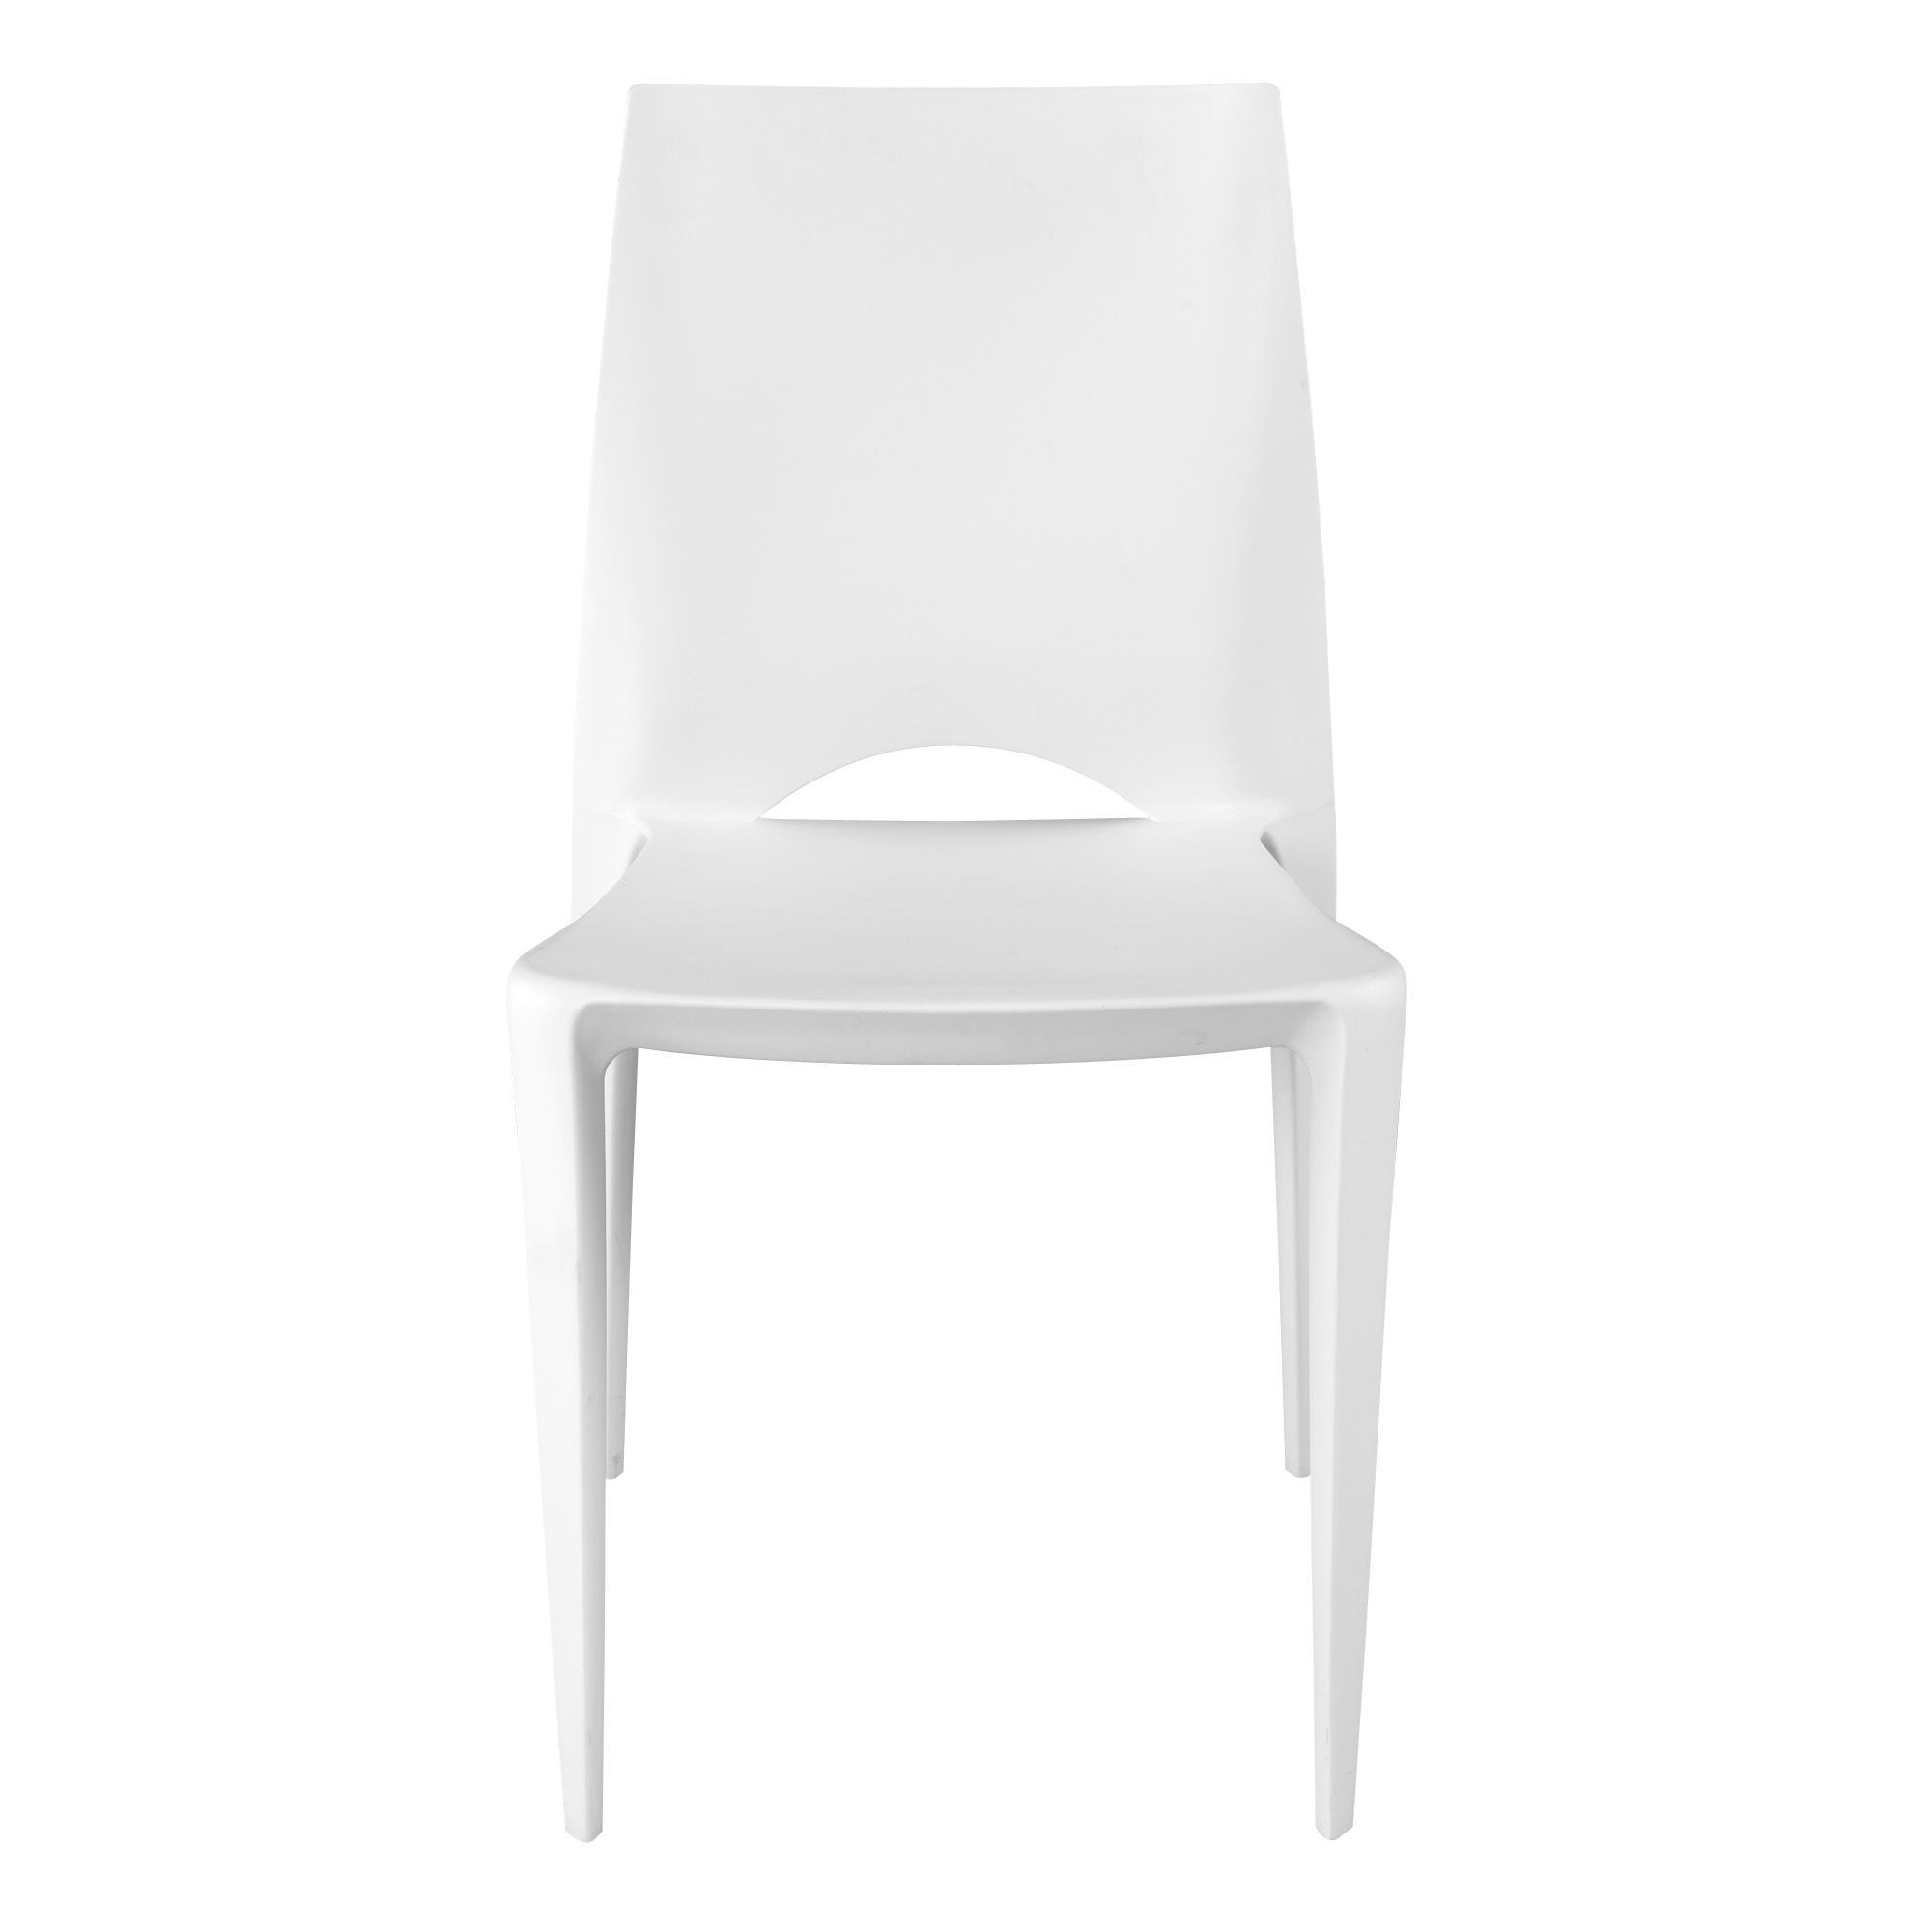 Chaise Moulee Blanche Blanc Kiwi Chaise Chaises Tables Et Chaises Salon Et Salle A Manger Decorat Meuble Deco Mobilier De Salon Decoration Interieure